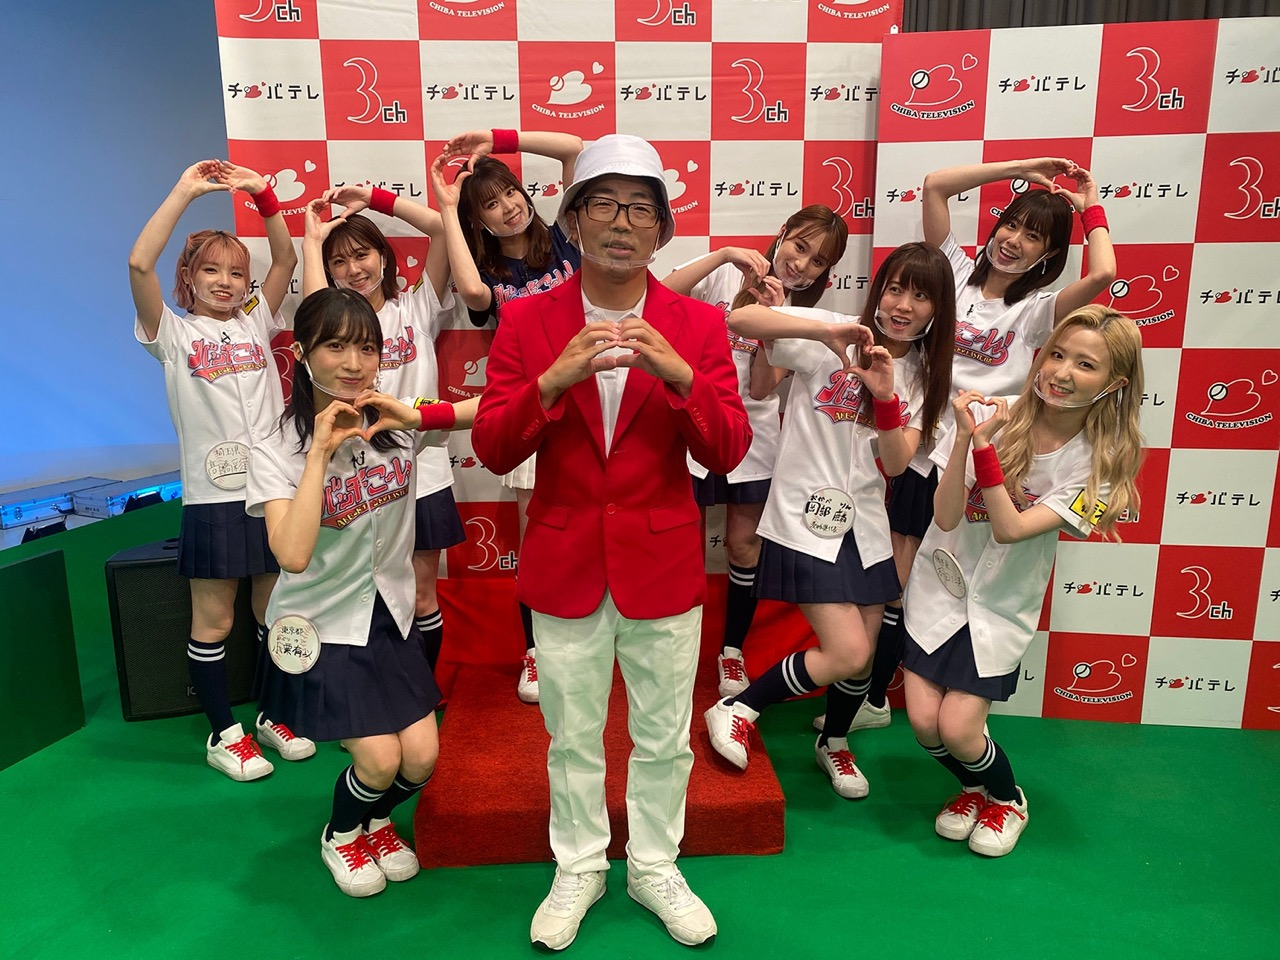 「AKB48チーム8のKANTO白書 バッチこーい!」#92:バッチバチ!拓ちゃんのデュエットメンバー決定戦!【2021.8.1 23:30〜 千葉テレビ】